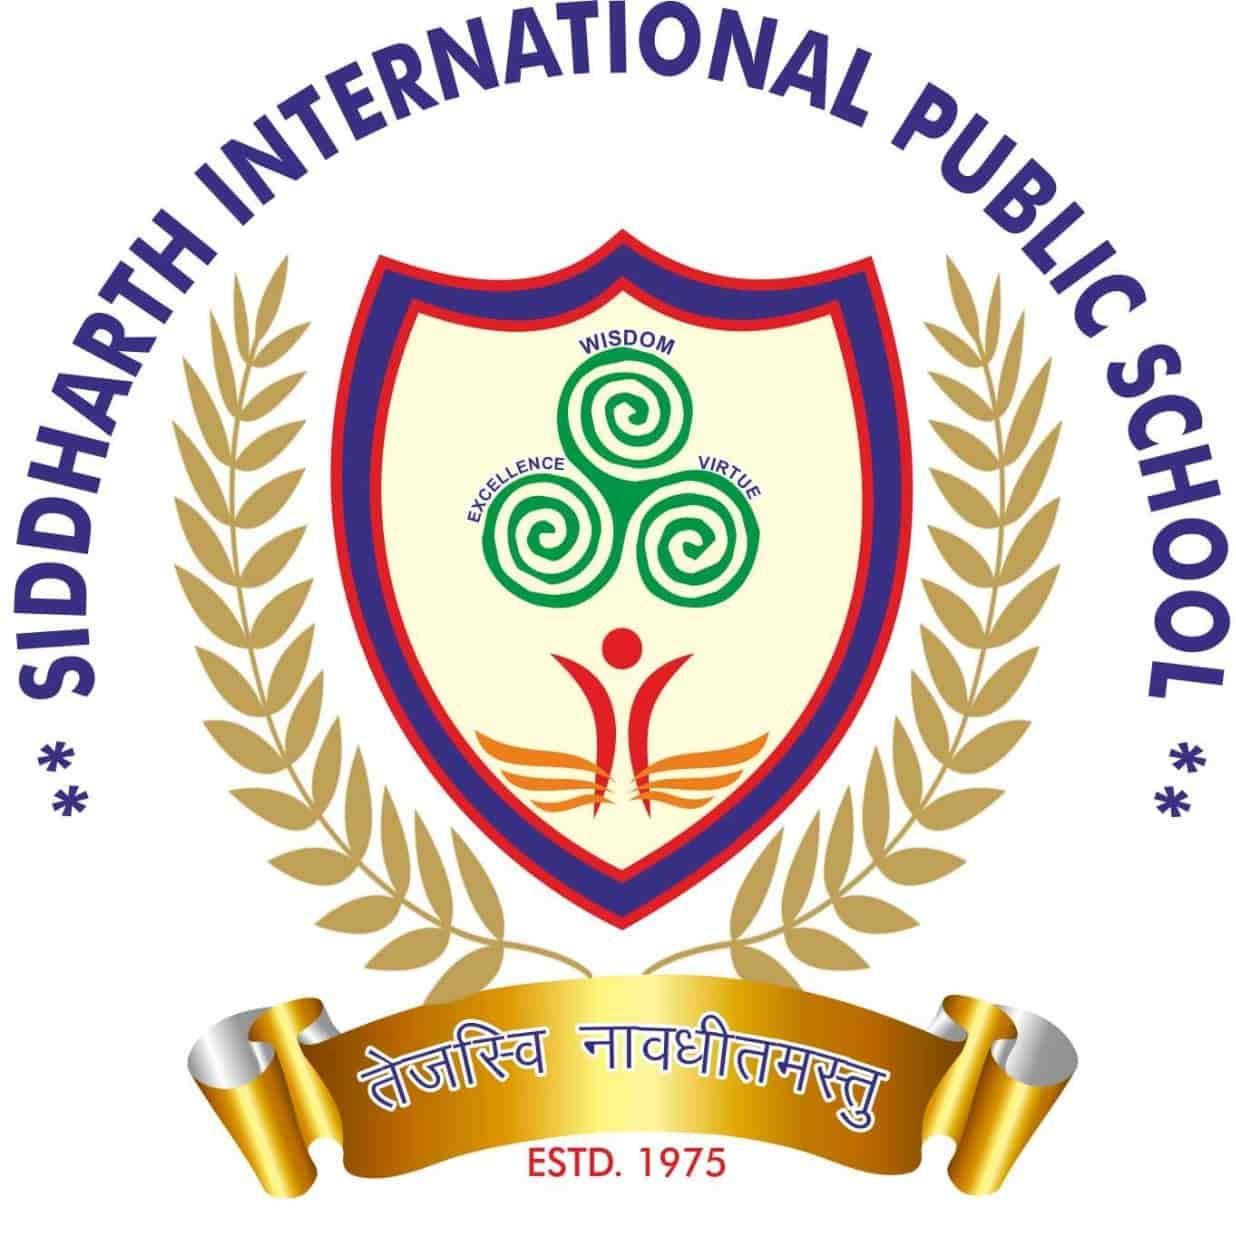 Siddharth International Public School, Dilshad Garden East Delhi